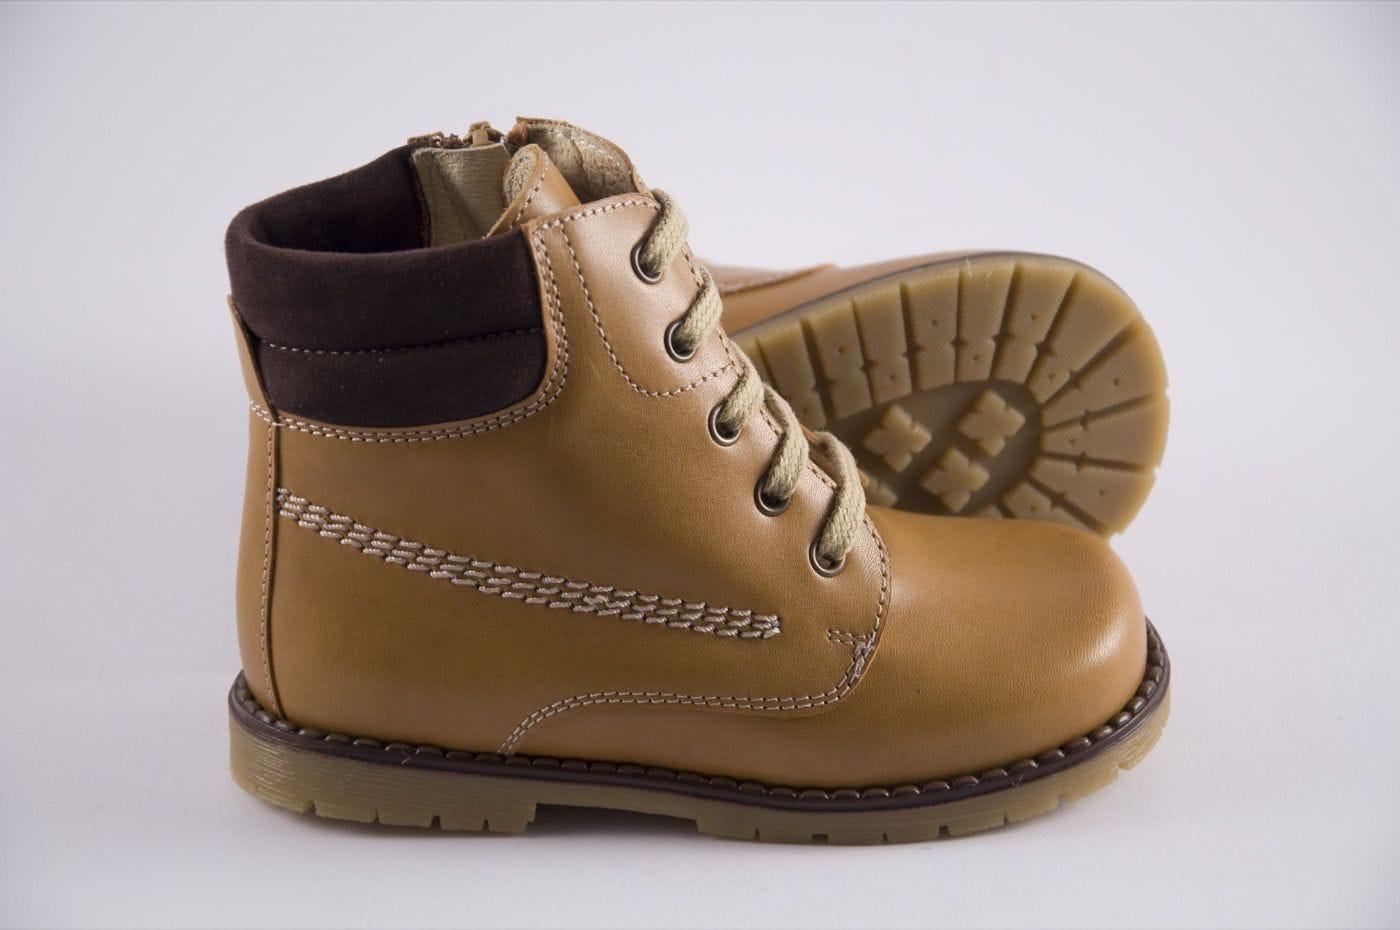 740047cb Comprar zapato tipo JOVEN NIÑO estilo BOTAS COLOR CUERO PIEL | BOTÍN ...